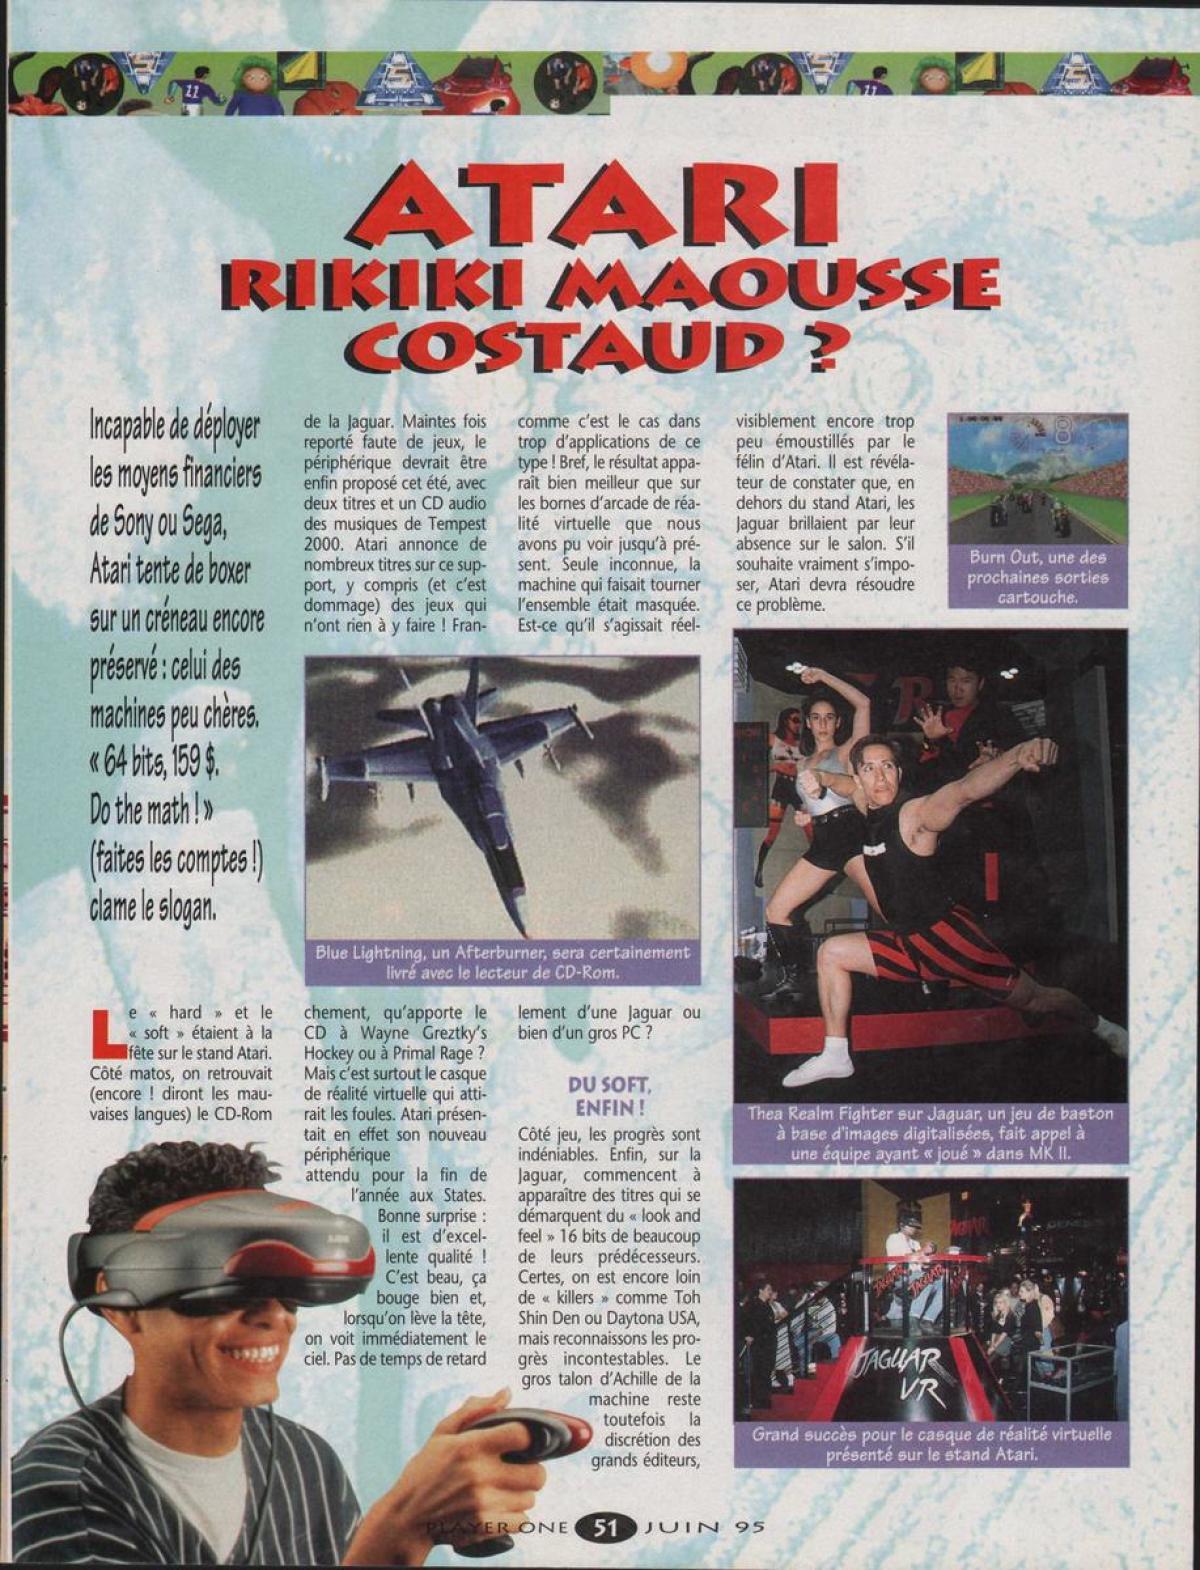 Pour la presse en 1995, le casque de réalité virtuelle de la Jaguar est la sensation du stand Atari.